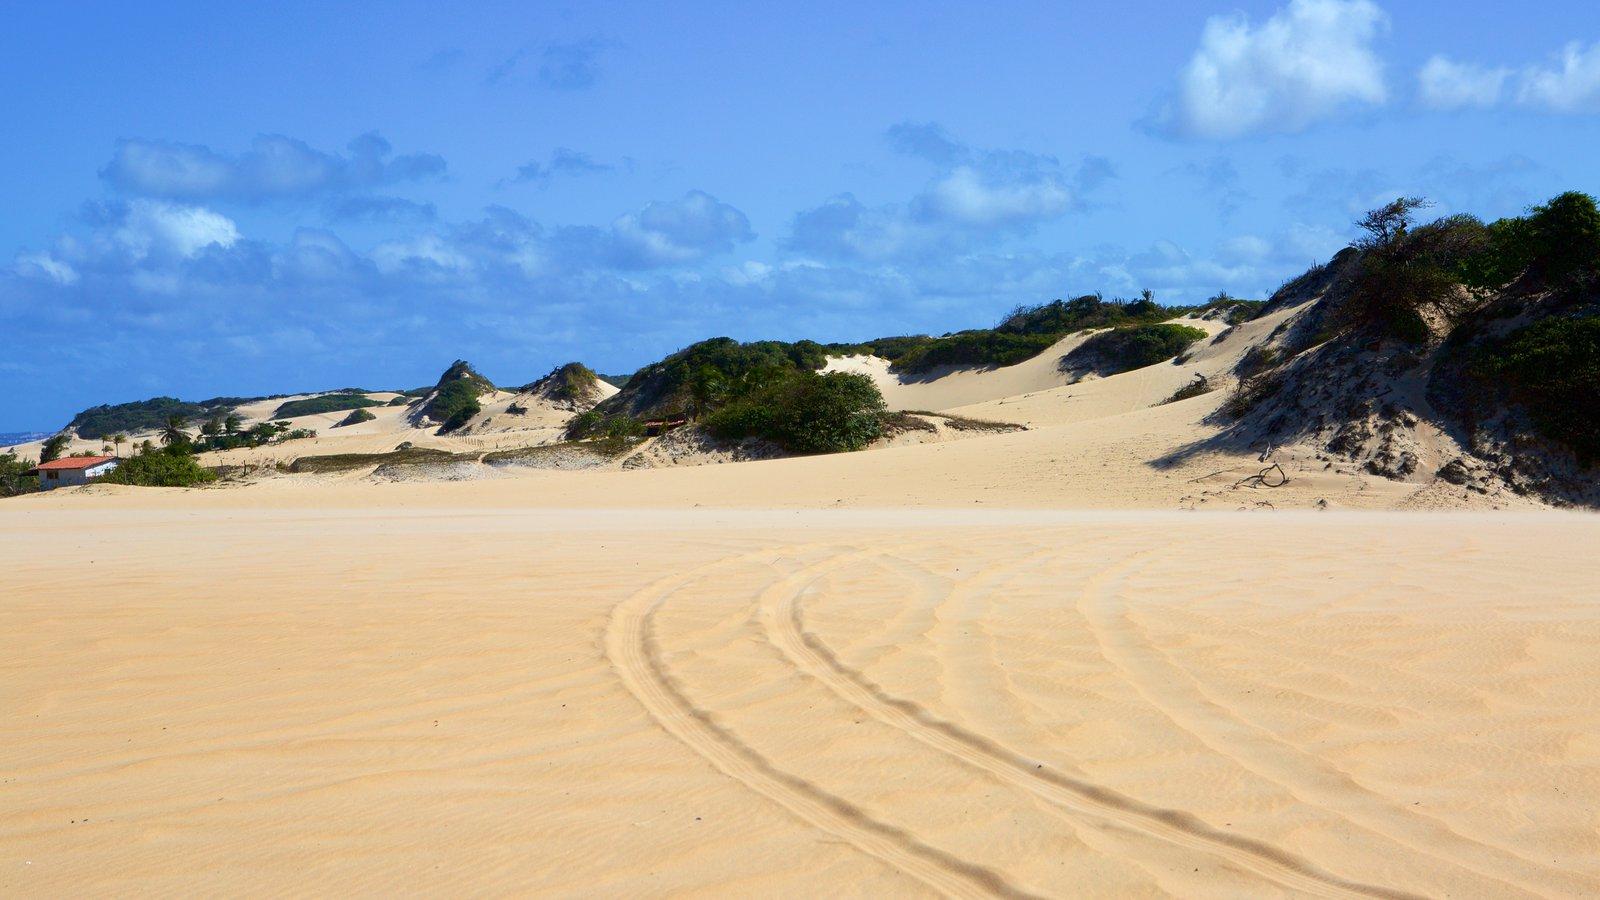 Praia de Genipabú caracterizando paisagens litorâneas e uma praia de areia